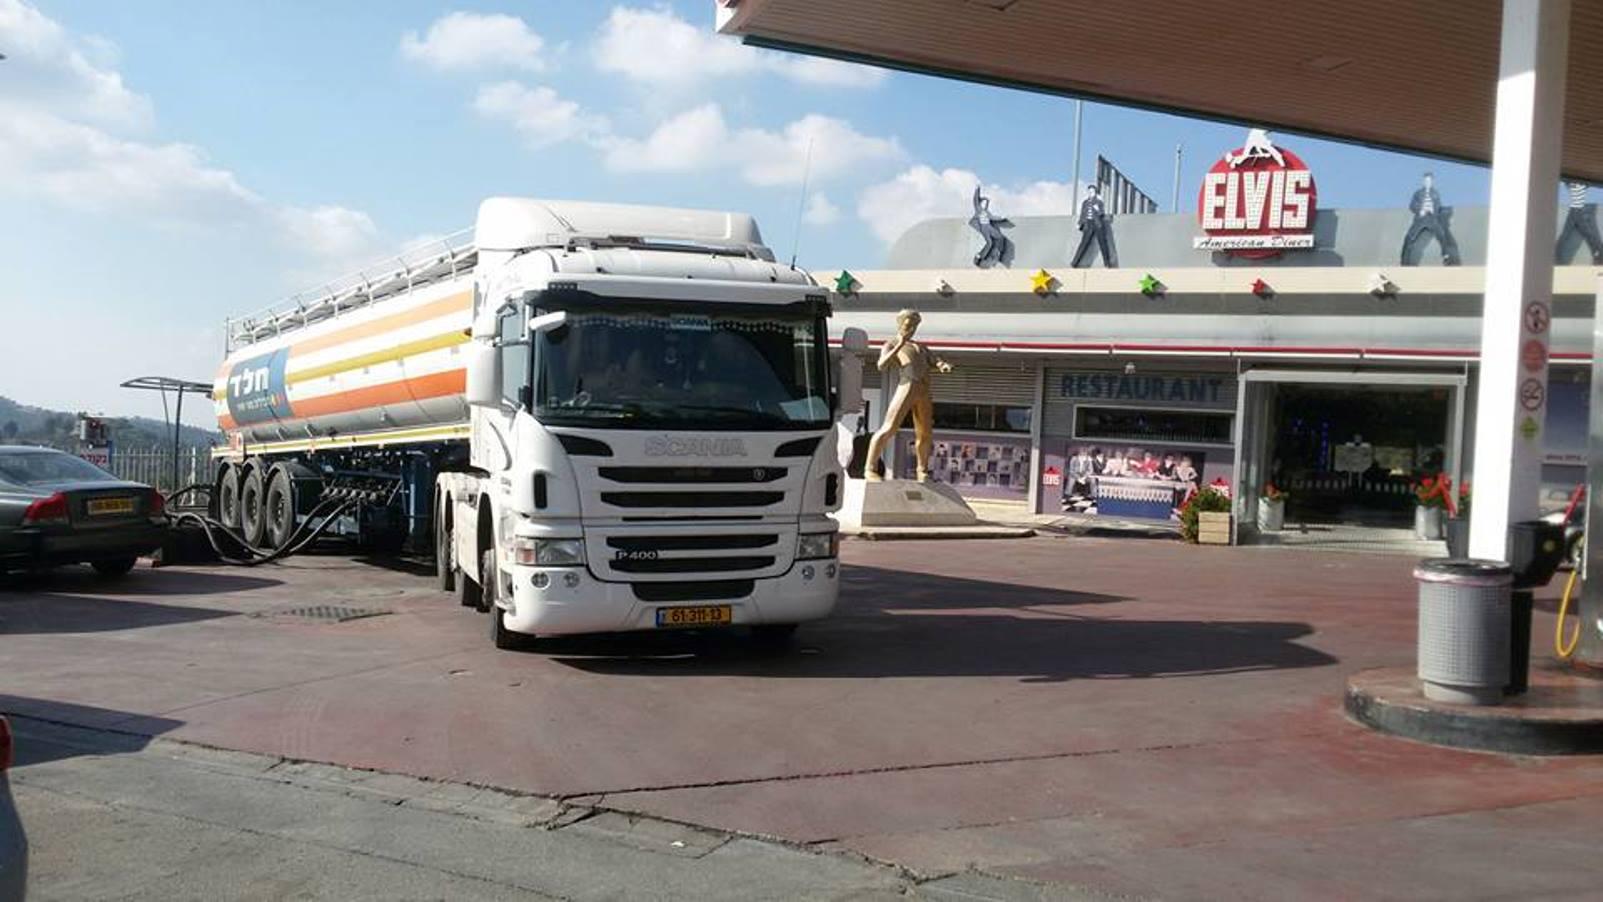 Elvis and petrol just outside Jerusalem. Photo by Lev Goldenberg/Facebook